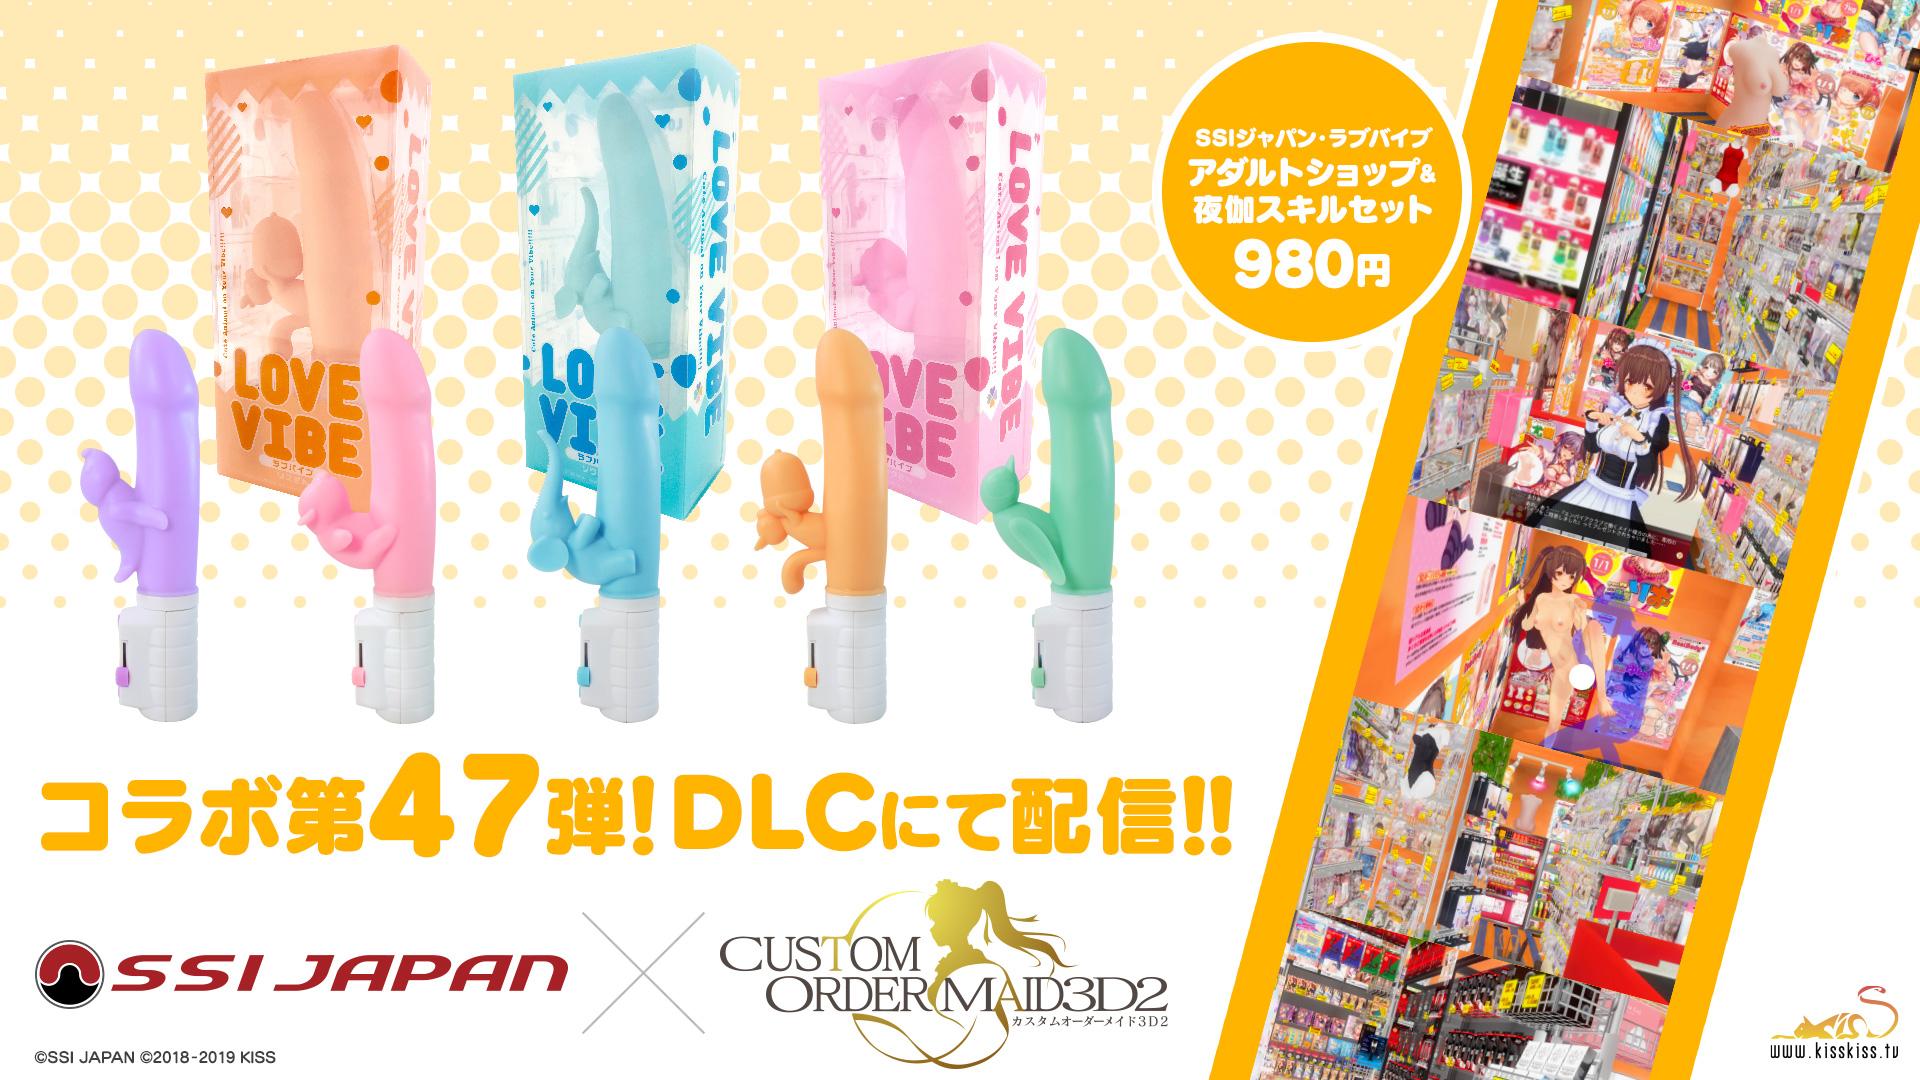 カスタムオーダーメイド3D2 DLC コラボ 第47弾「SSI JAPANラブバイブシリーズ」